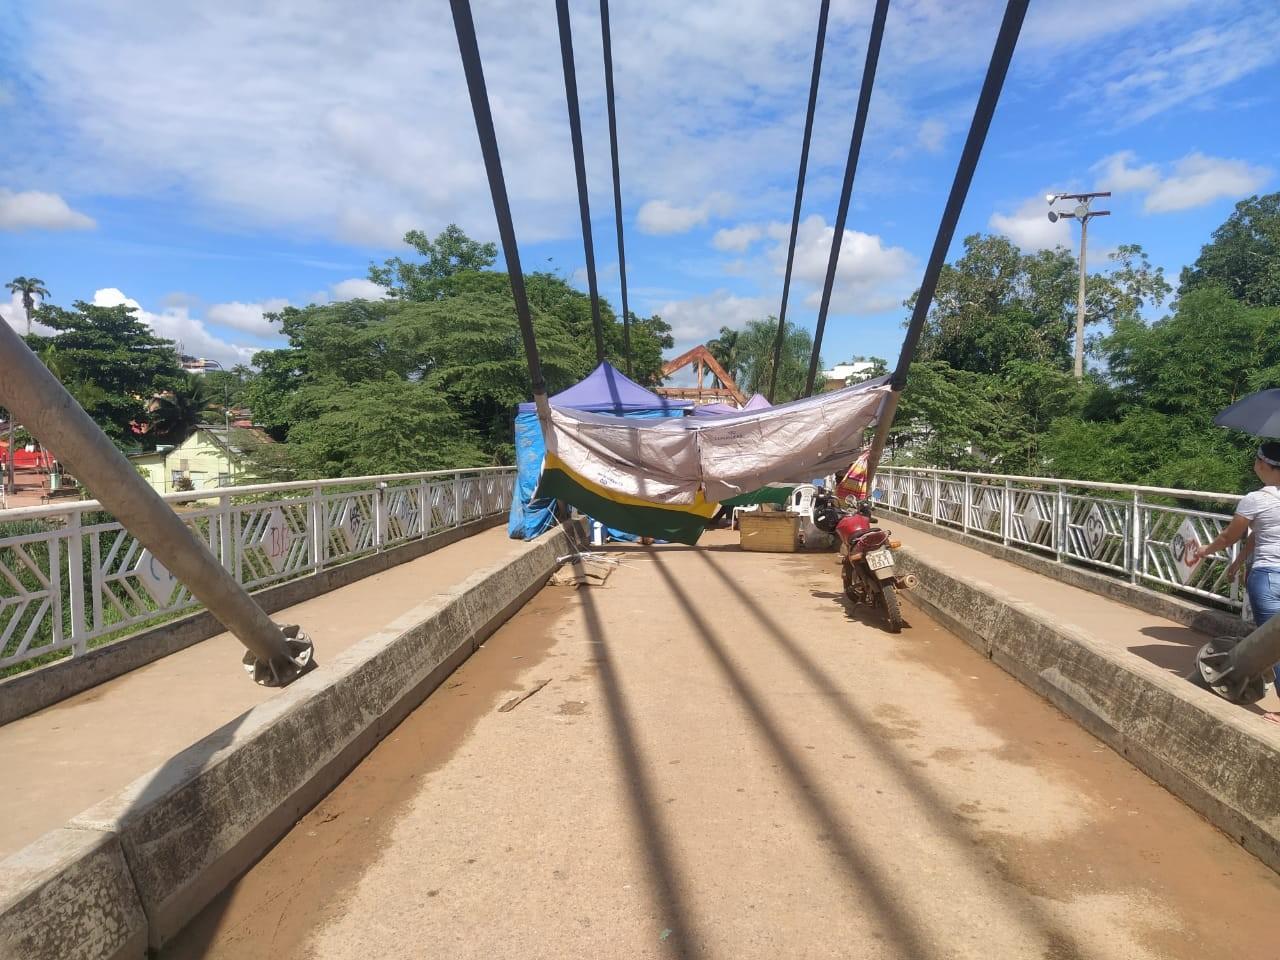 Sem necessidade de intervenção nos protestos, Tropa de Choque deixa fronteira do AC com Bolívia - Notícias - Plantão Diário